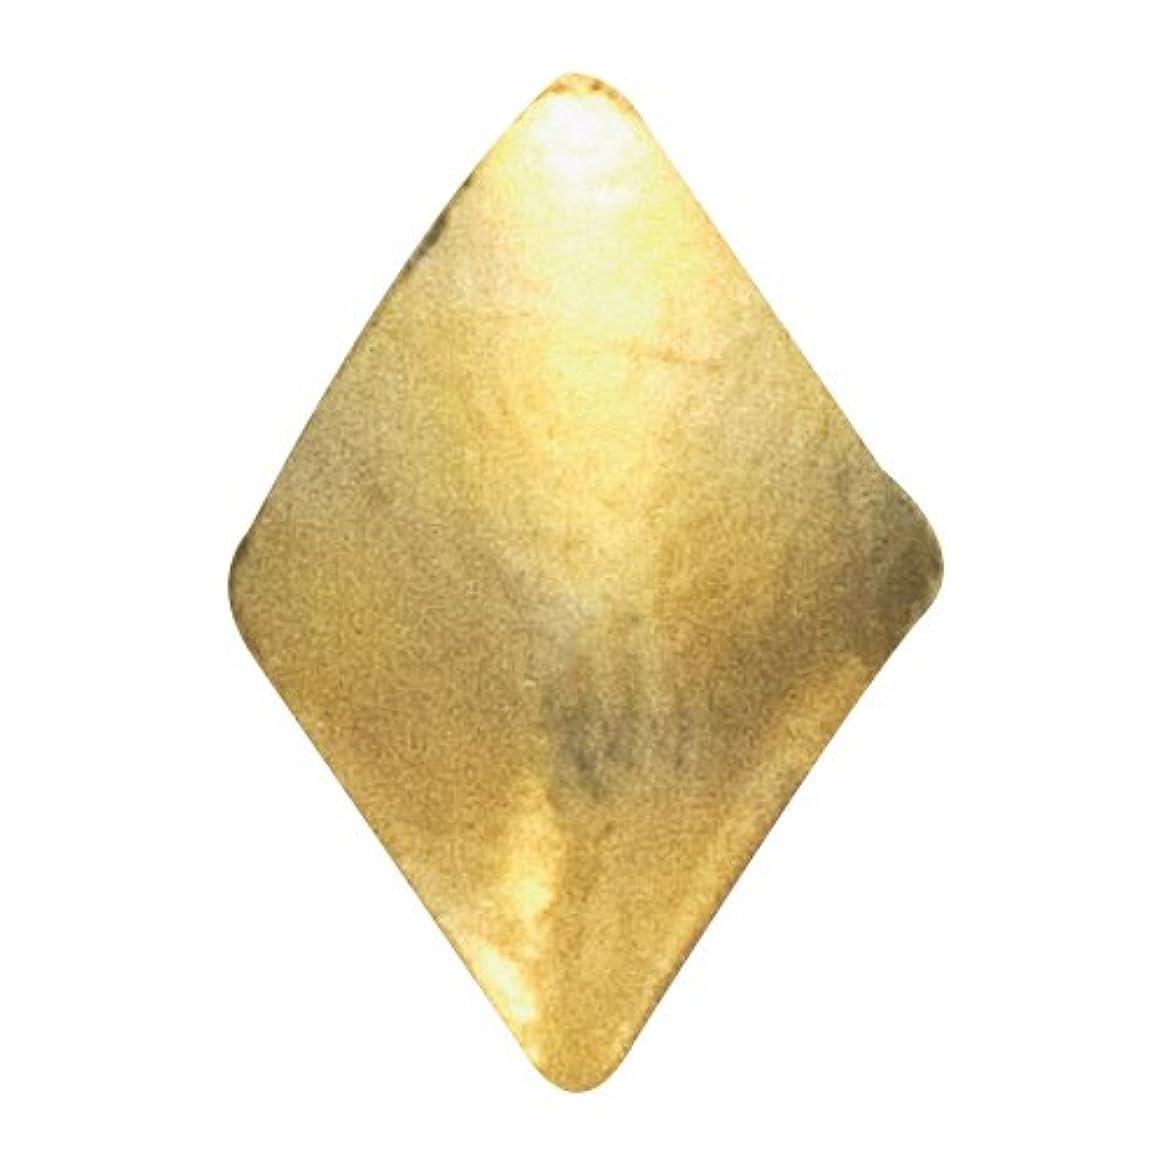 勉強する協定時計回りリトルプリティー ネイルアートパーツ スタッズダイヤ 2×3mm ゴールド 50個